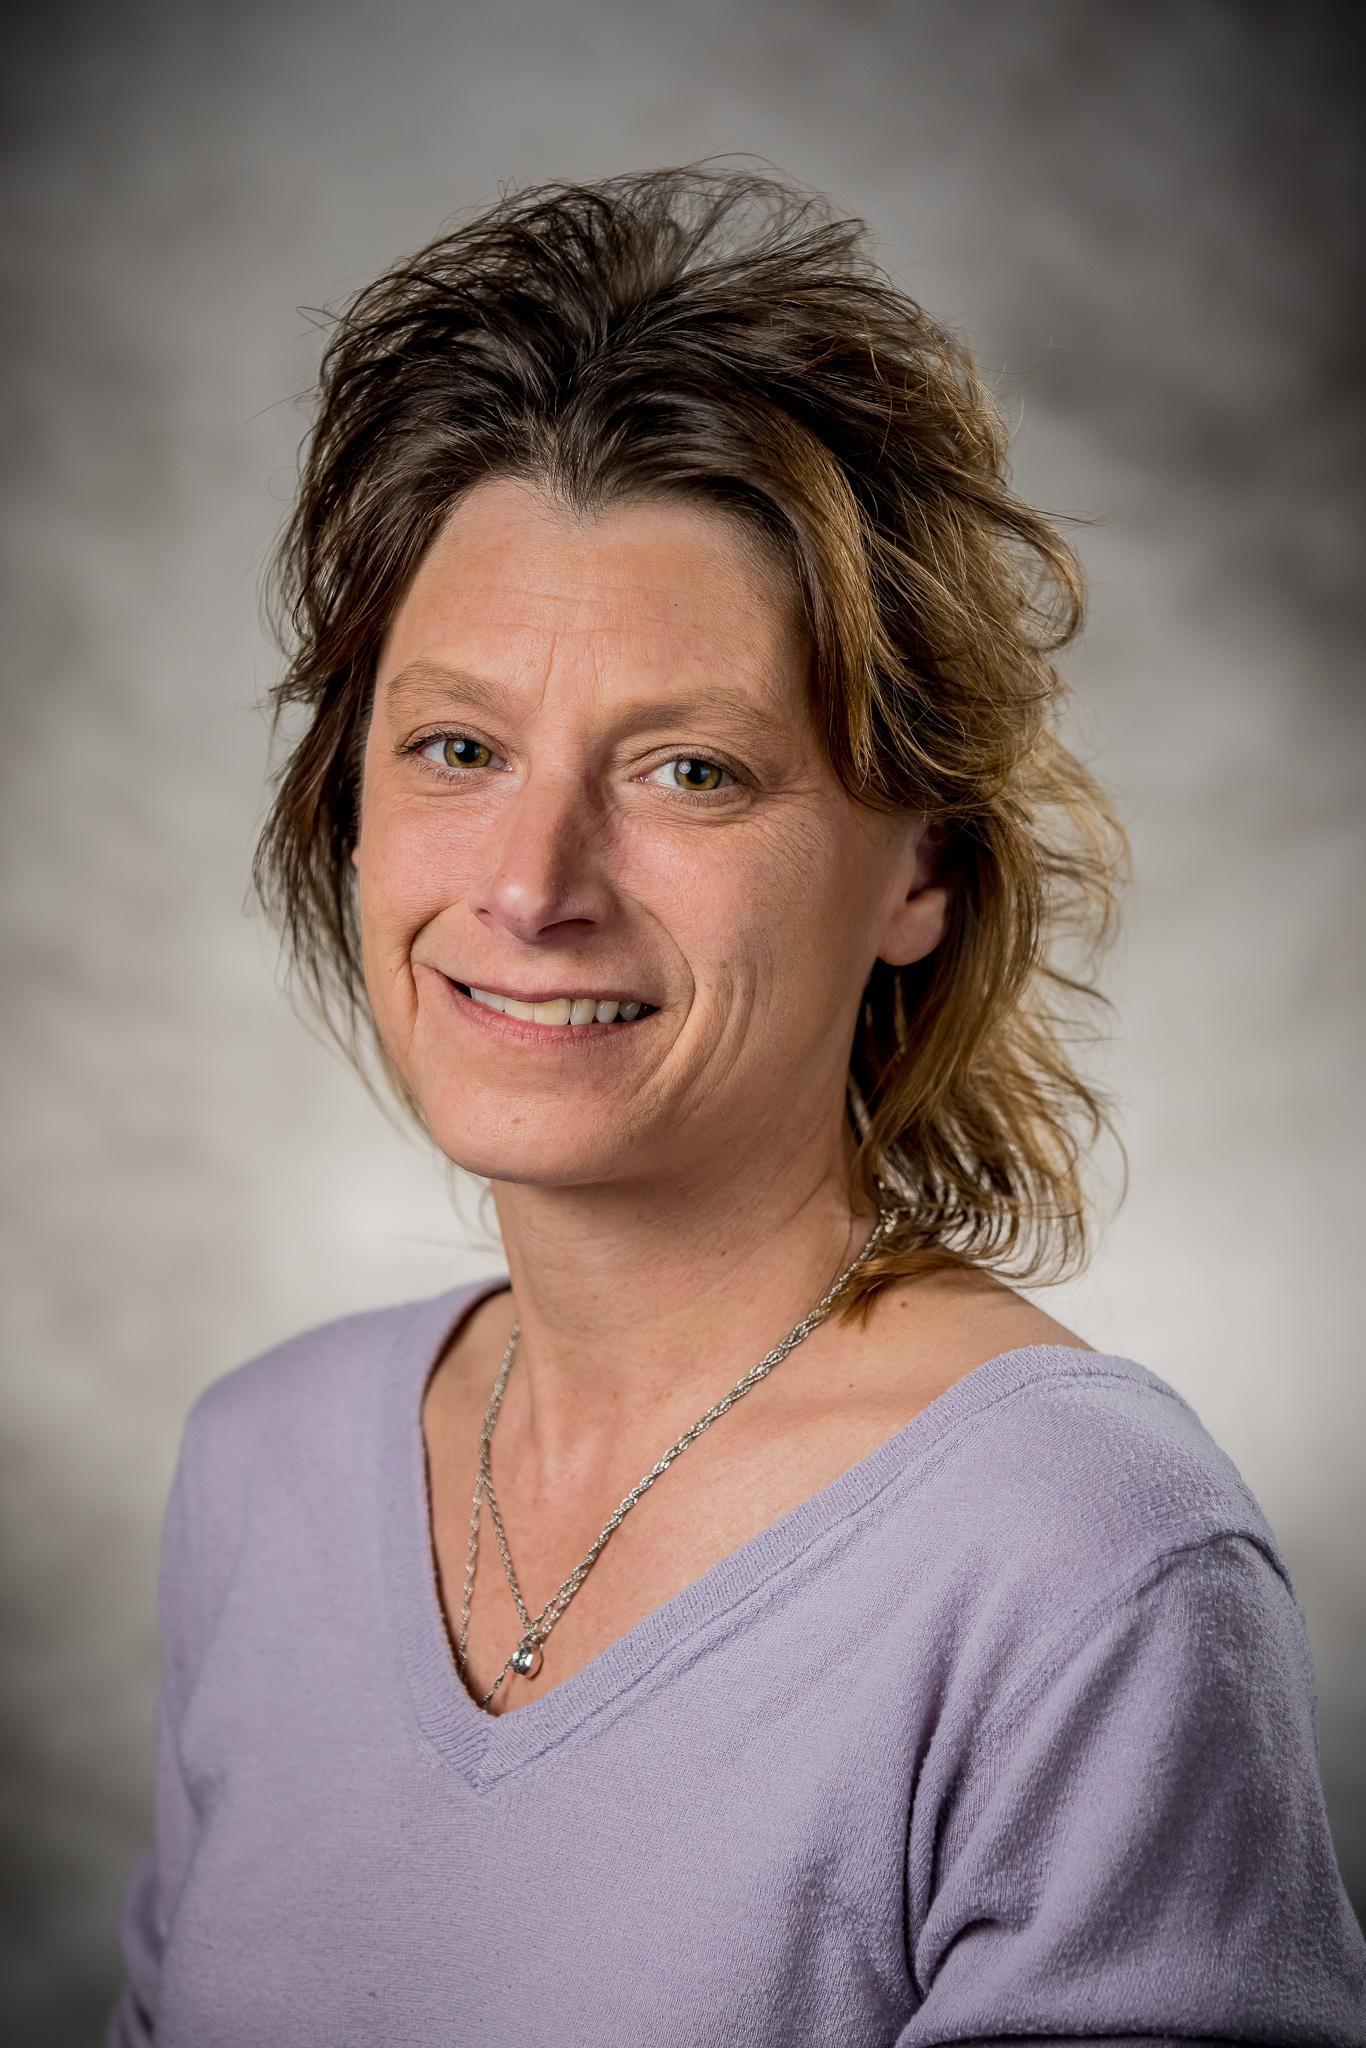 woman wearing light purple shirt